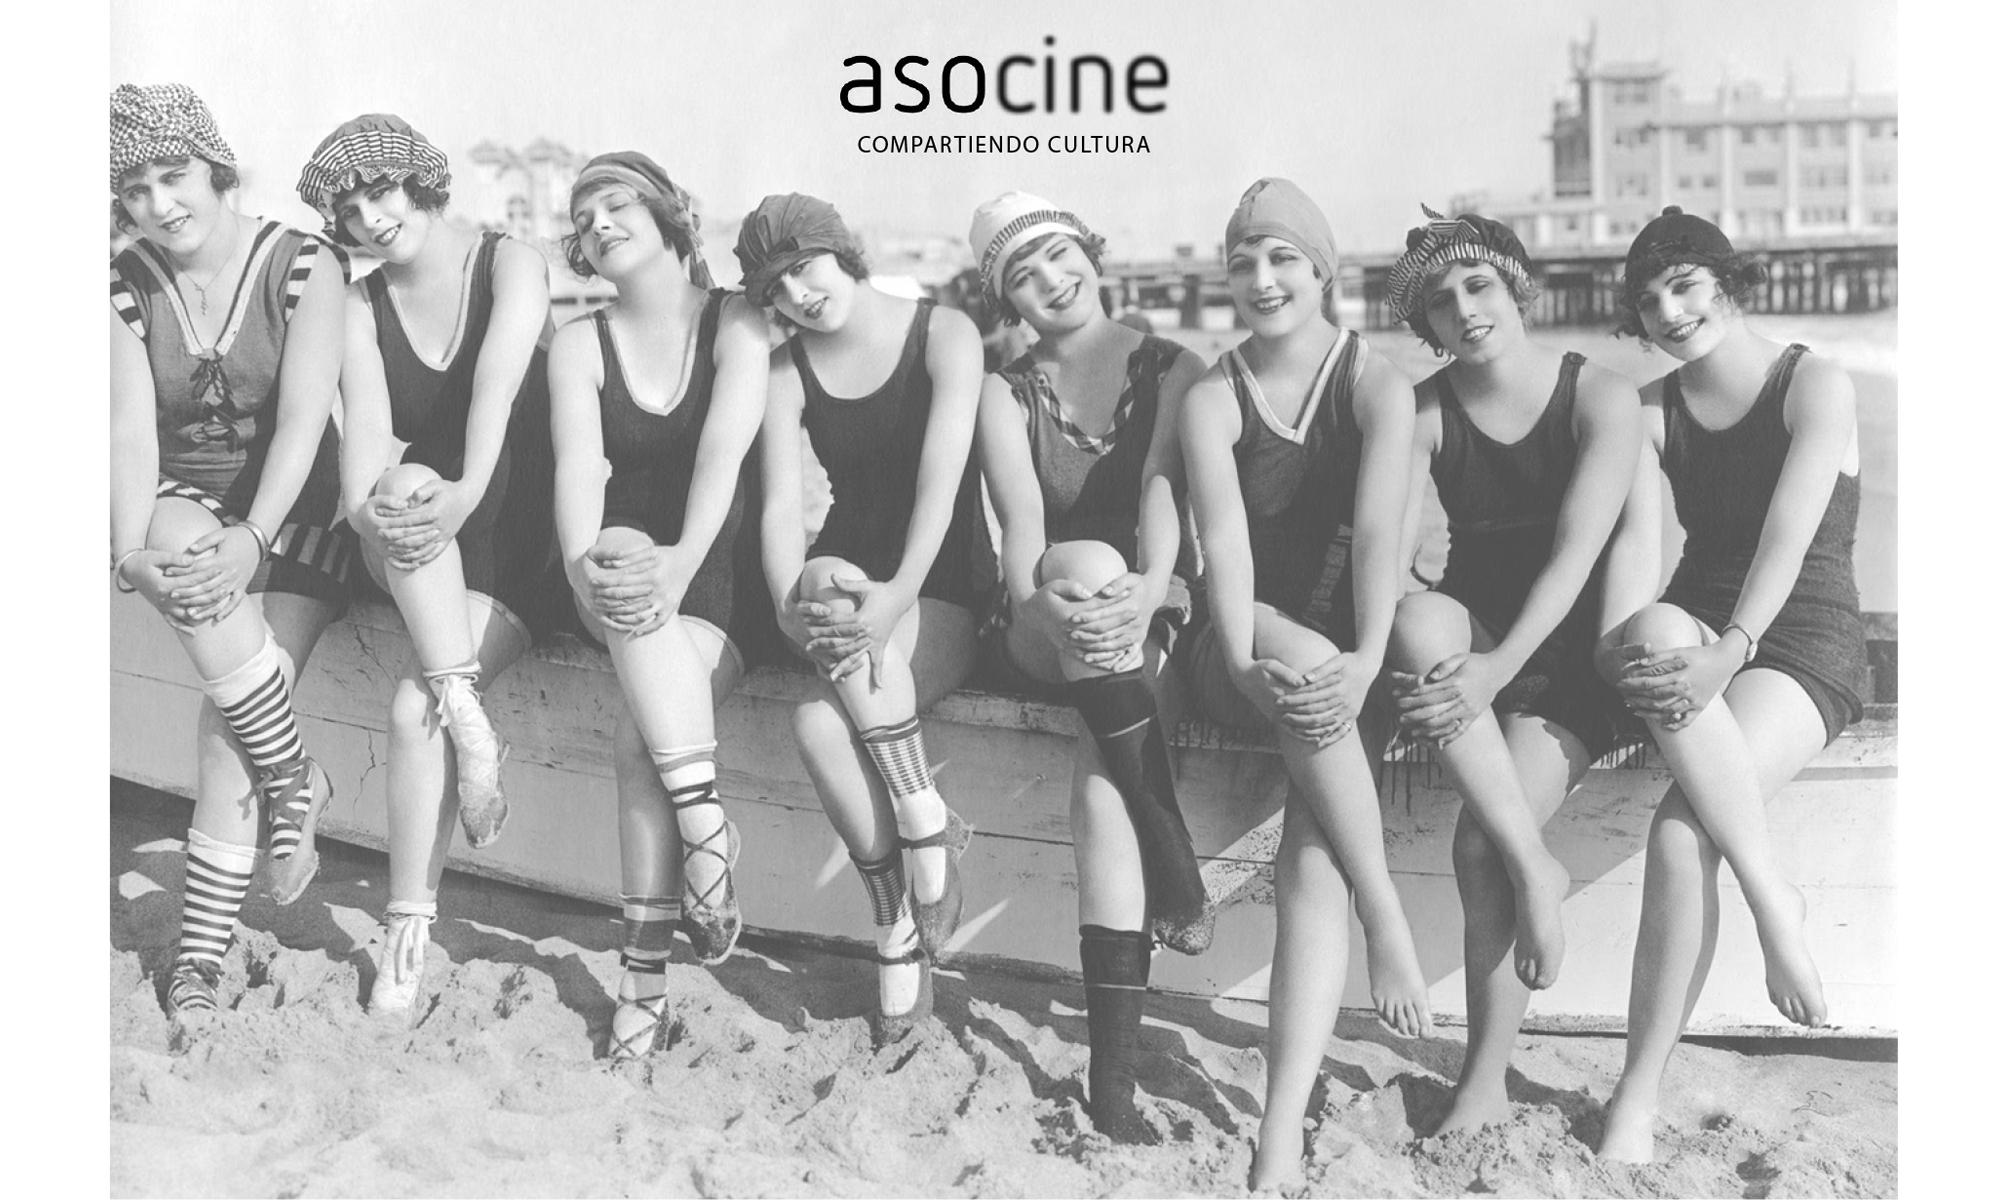 Asocine